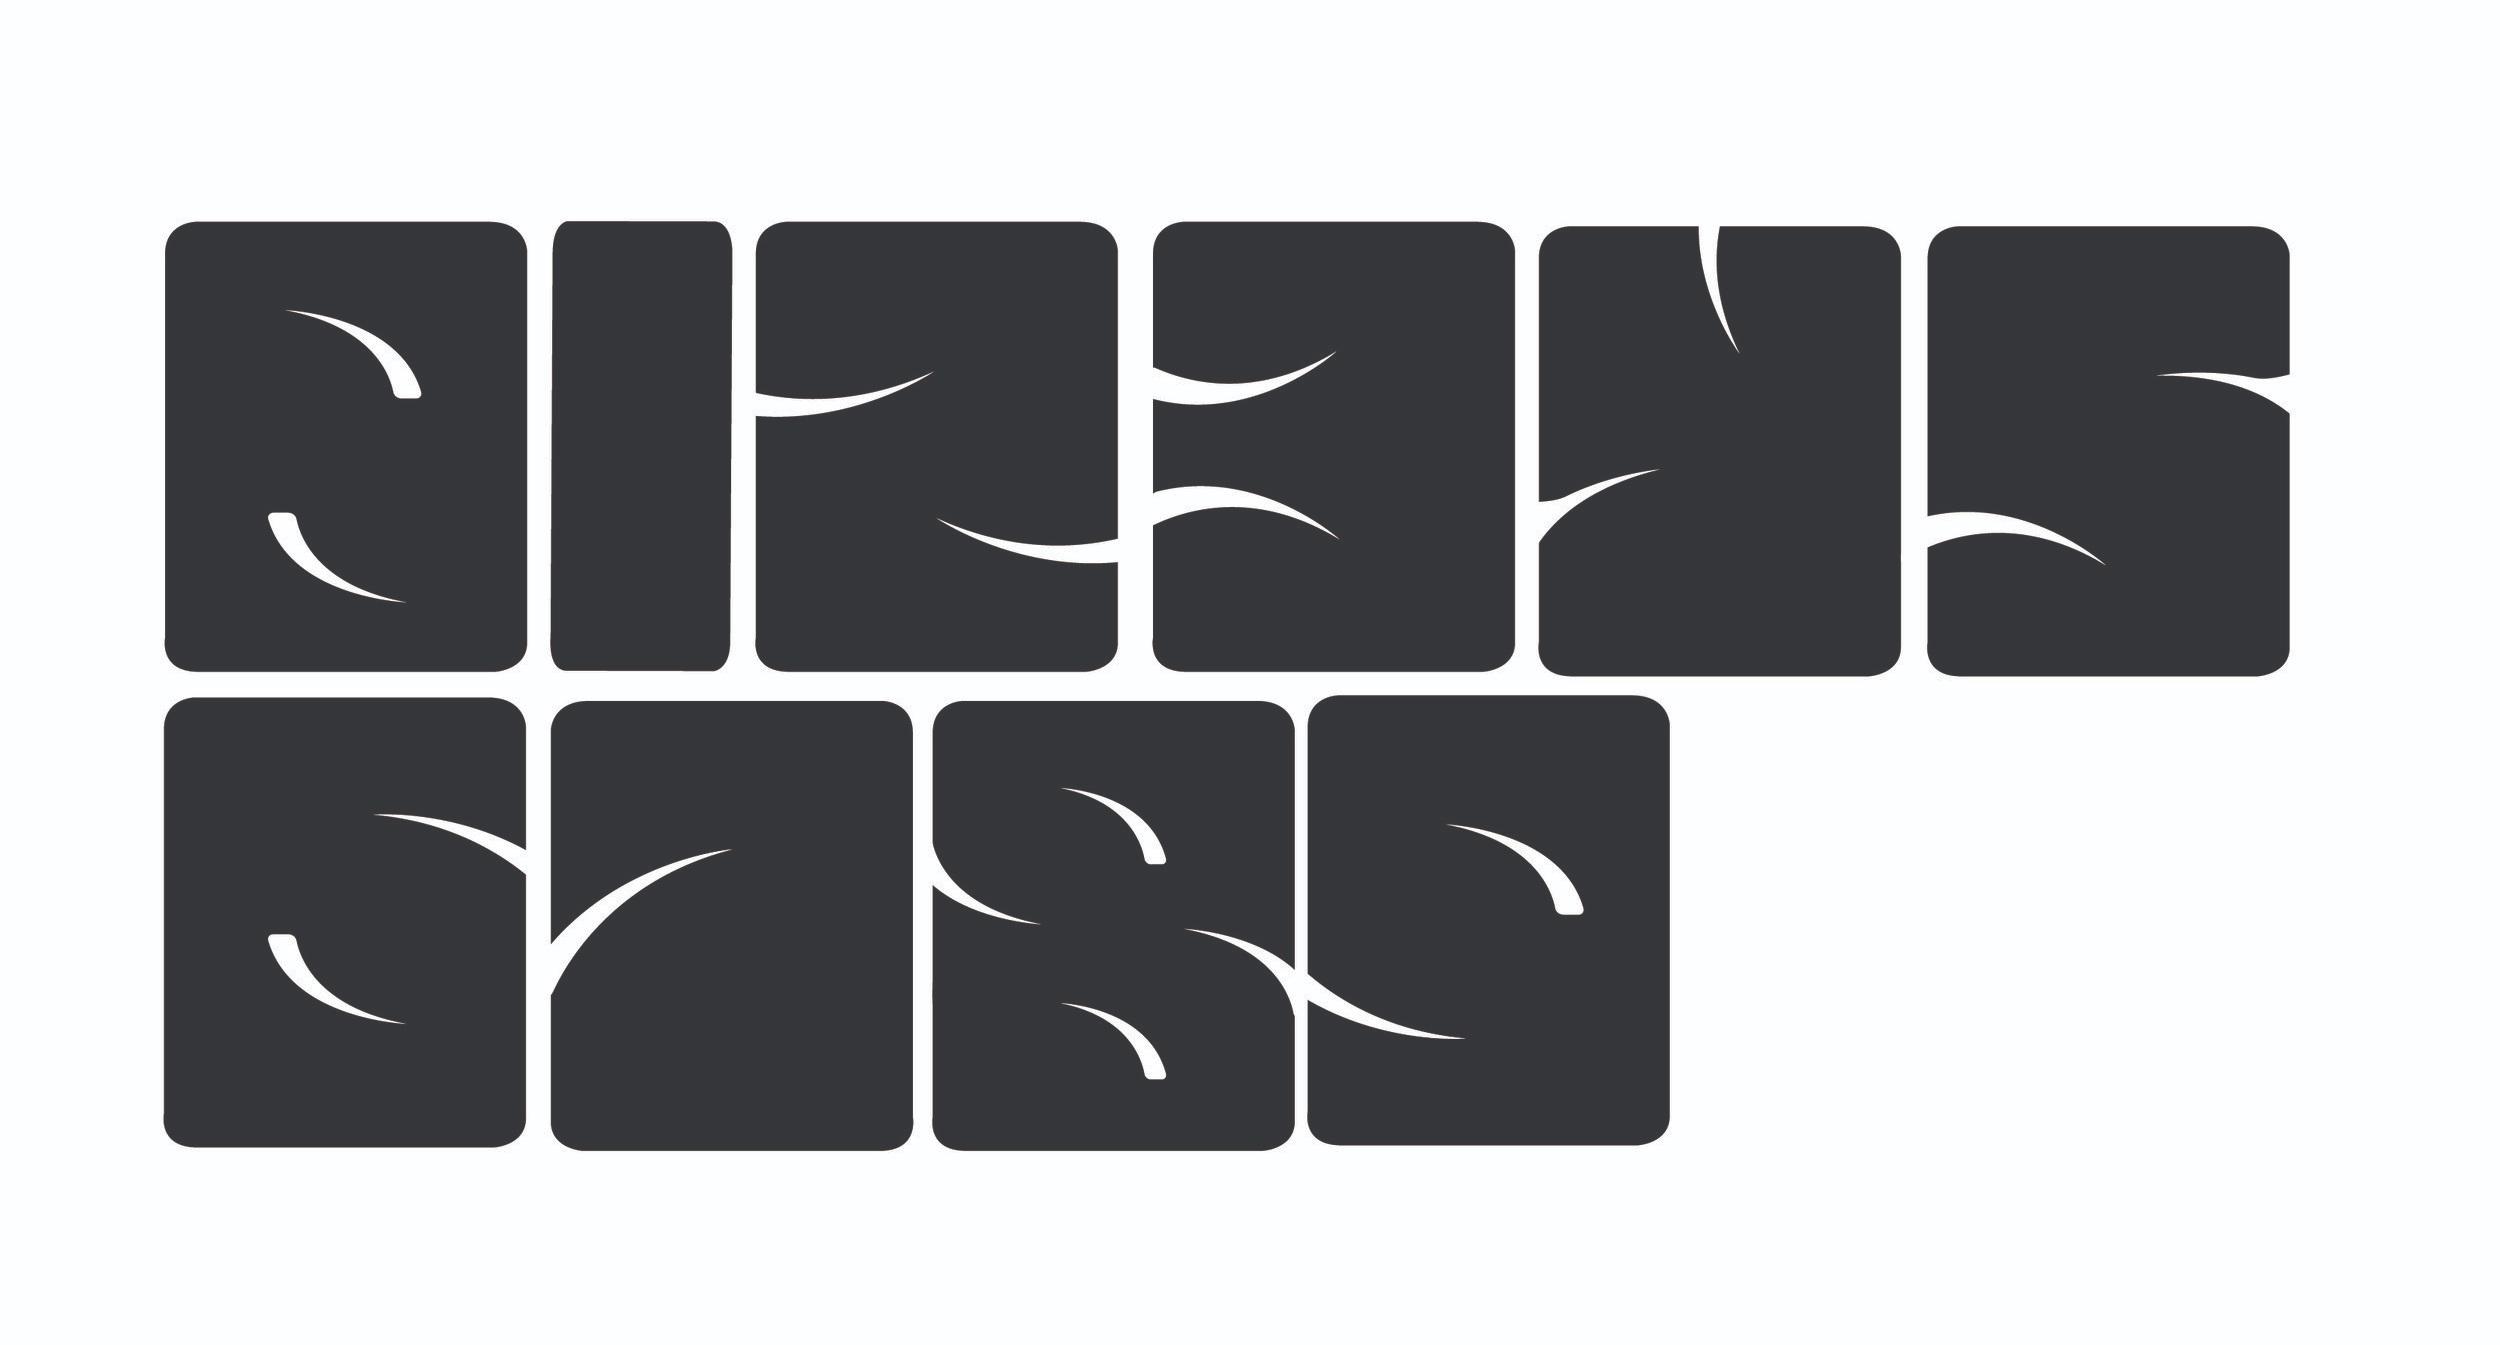 TypefaceFinalnumbers2-04.jpg